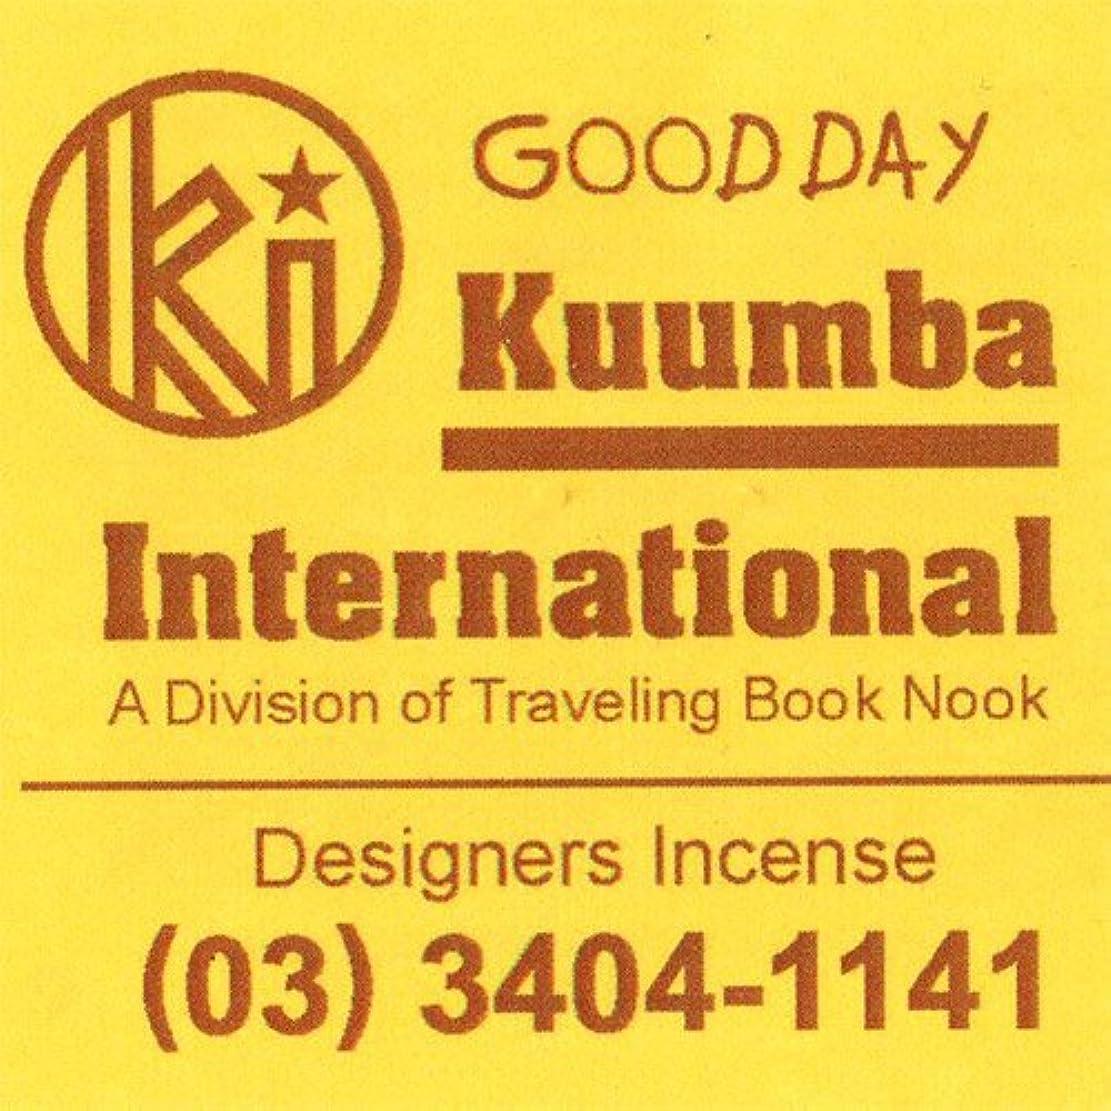 薬プライバシー汚染KUUMBA / クンバ『incense』(GOOD DAY) (Regular size)